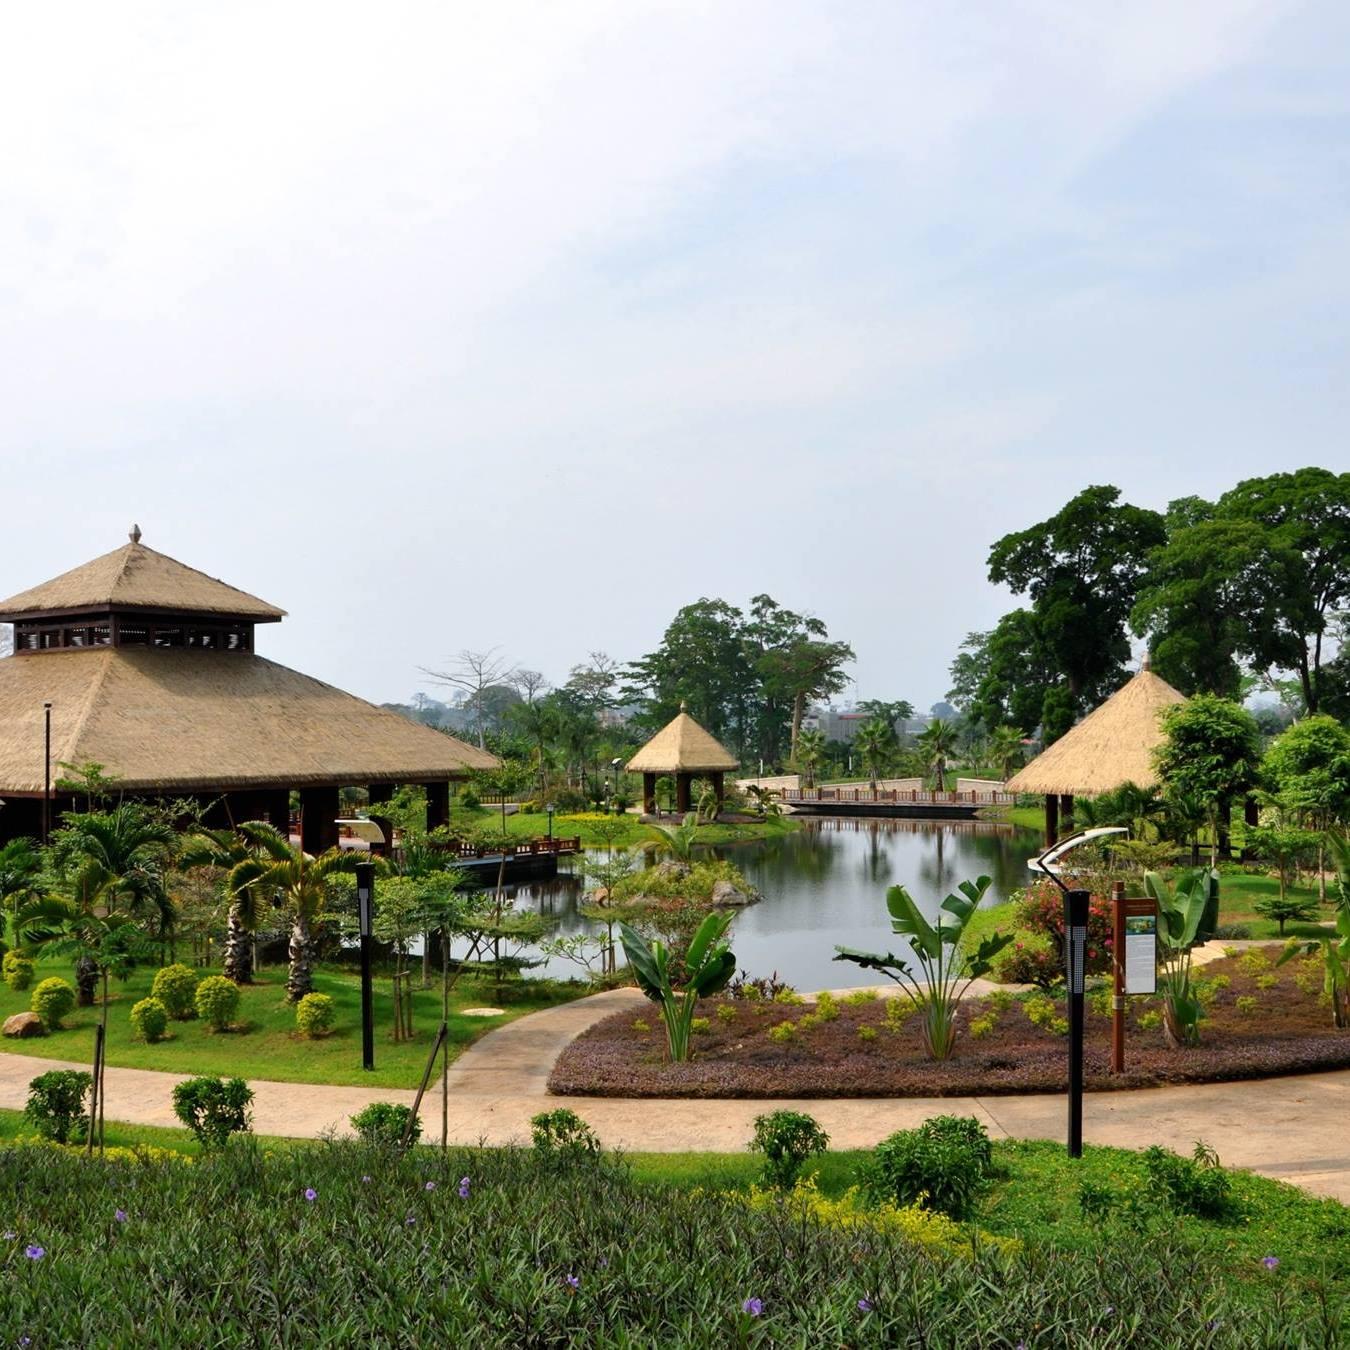 La pandemia del coronavirus se lleva por delante los ingresos turísticos del Parque Nacional de Malabo